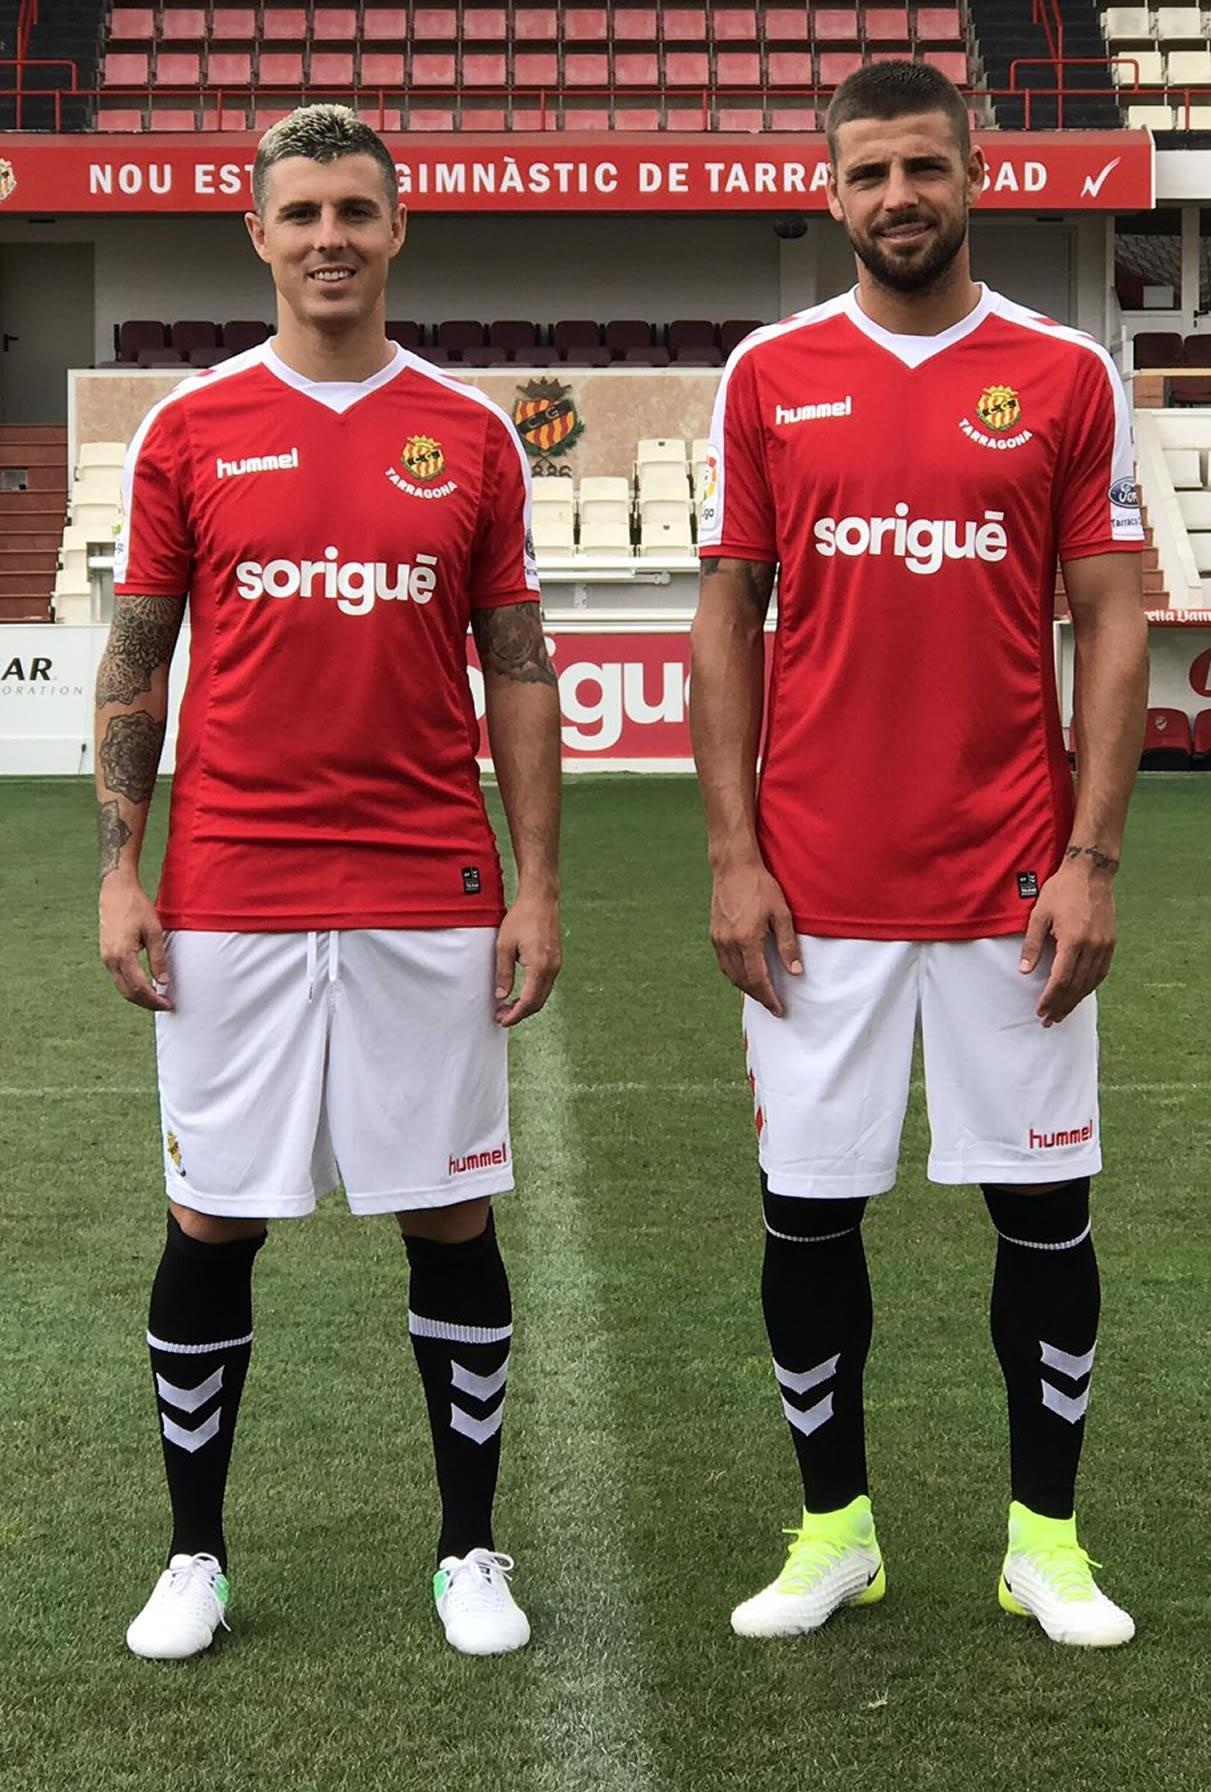 Camiseta titular Hummel del Nástic | Foto Web Oficial